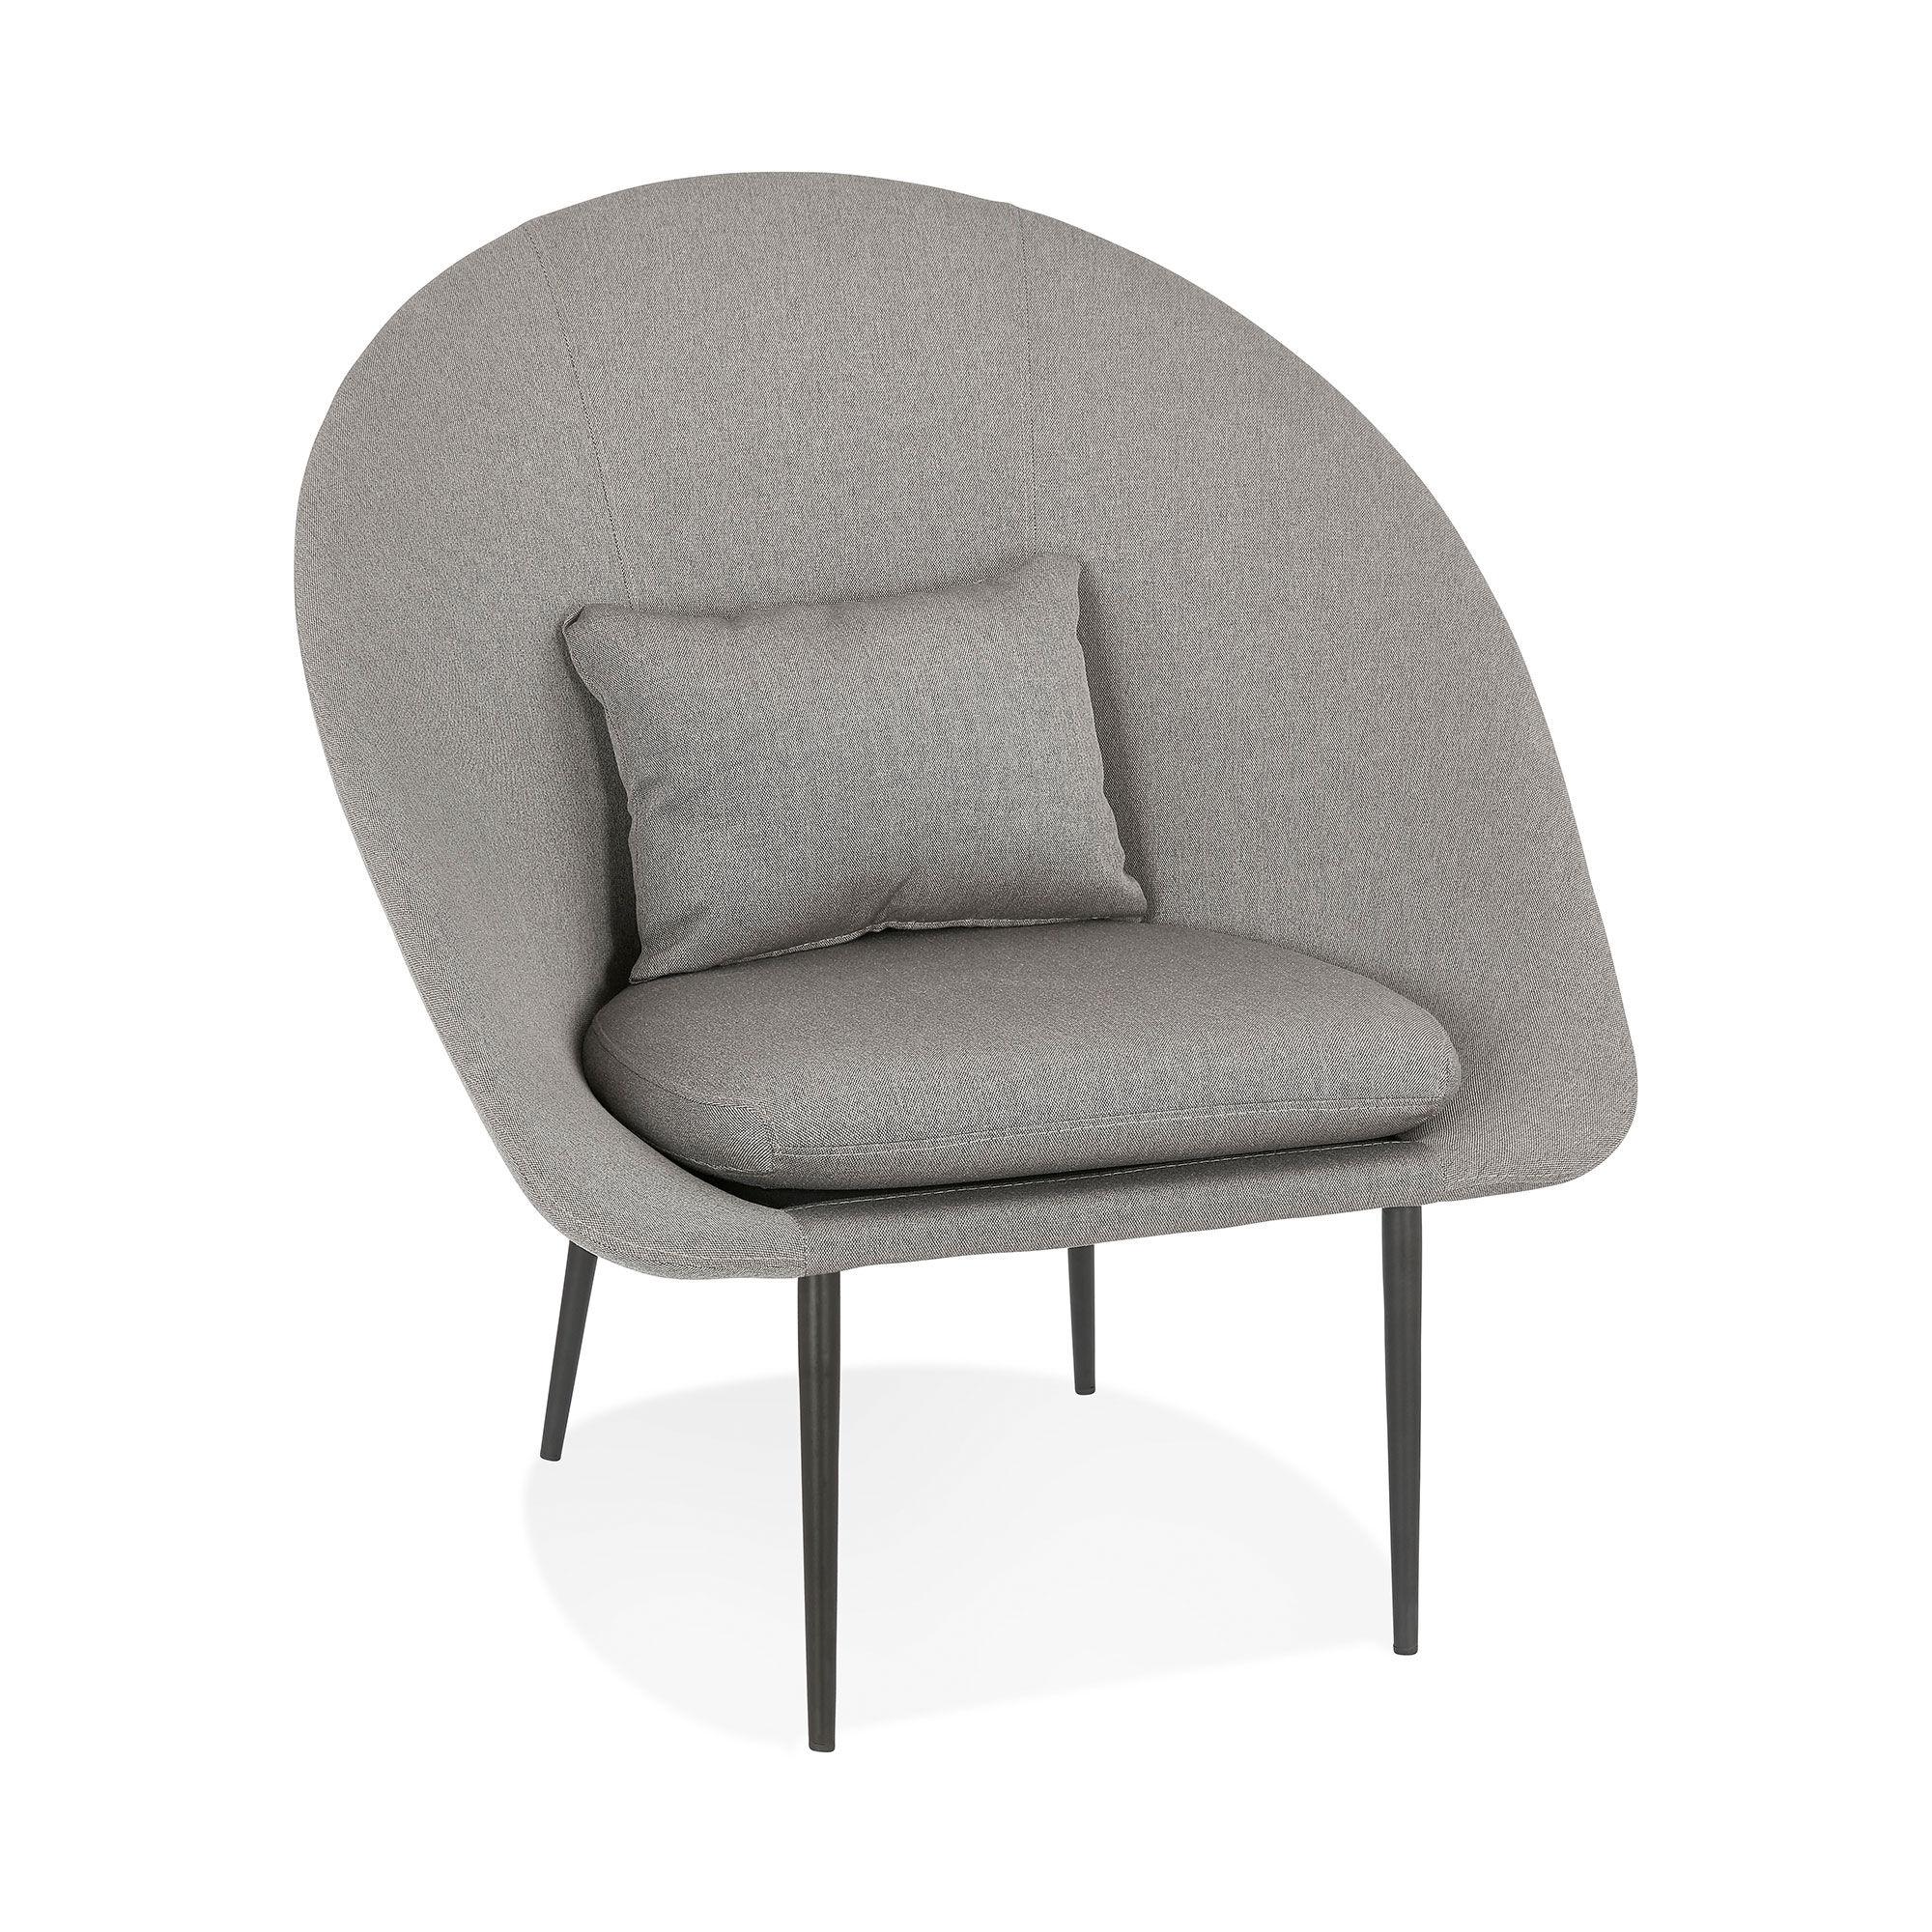 Fauteuil 83x71x88 cm en tissu gris et pieds métal